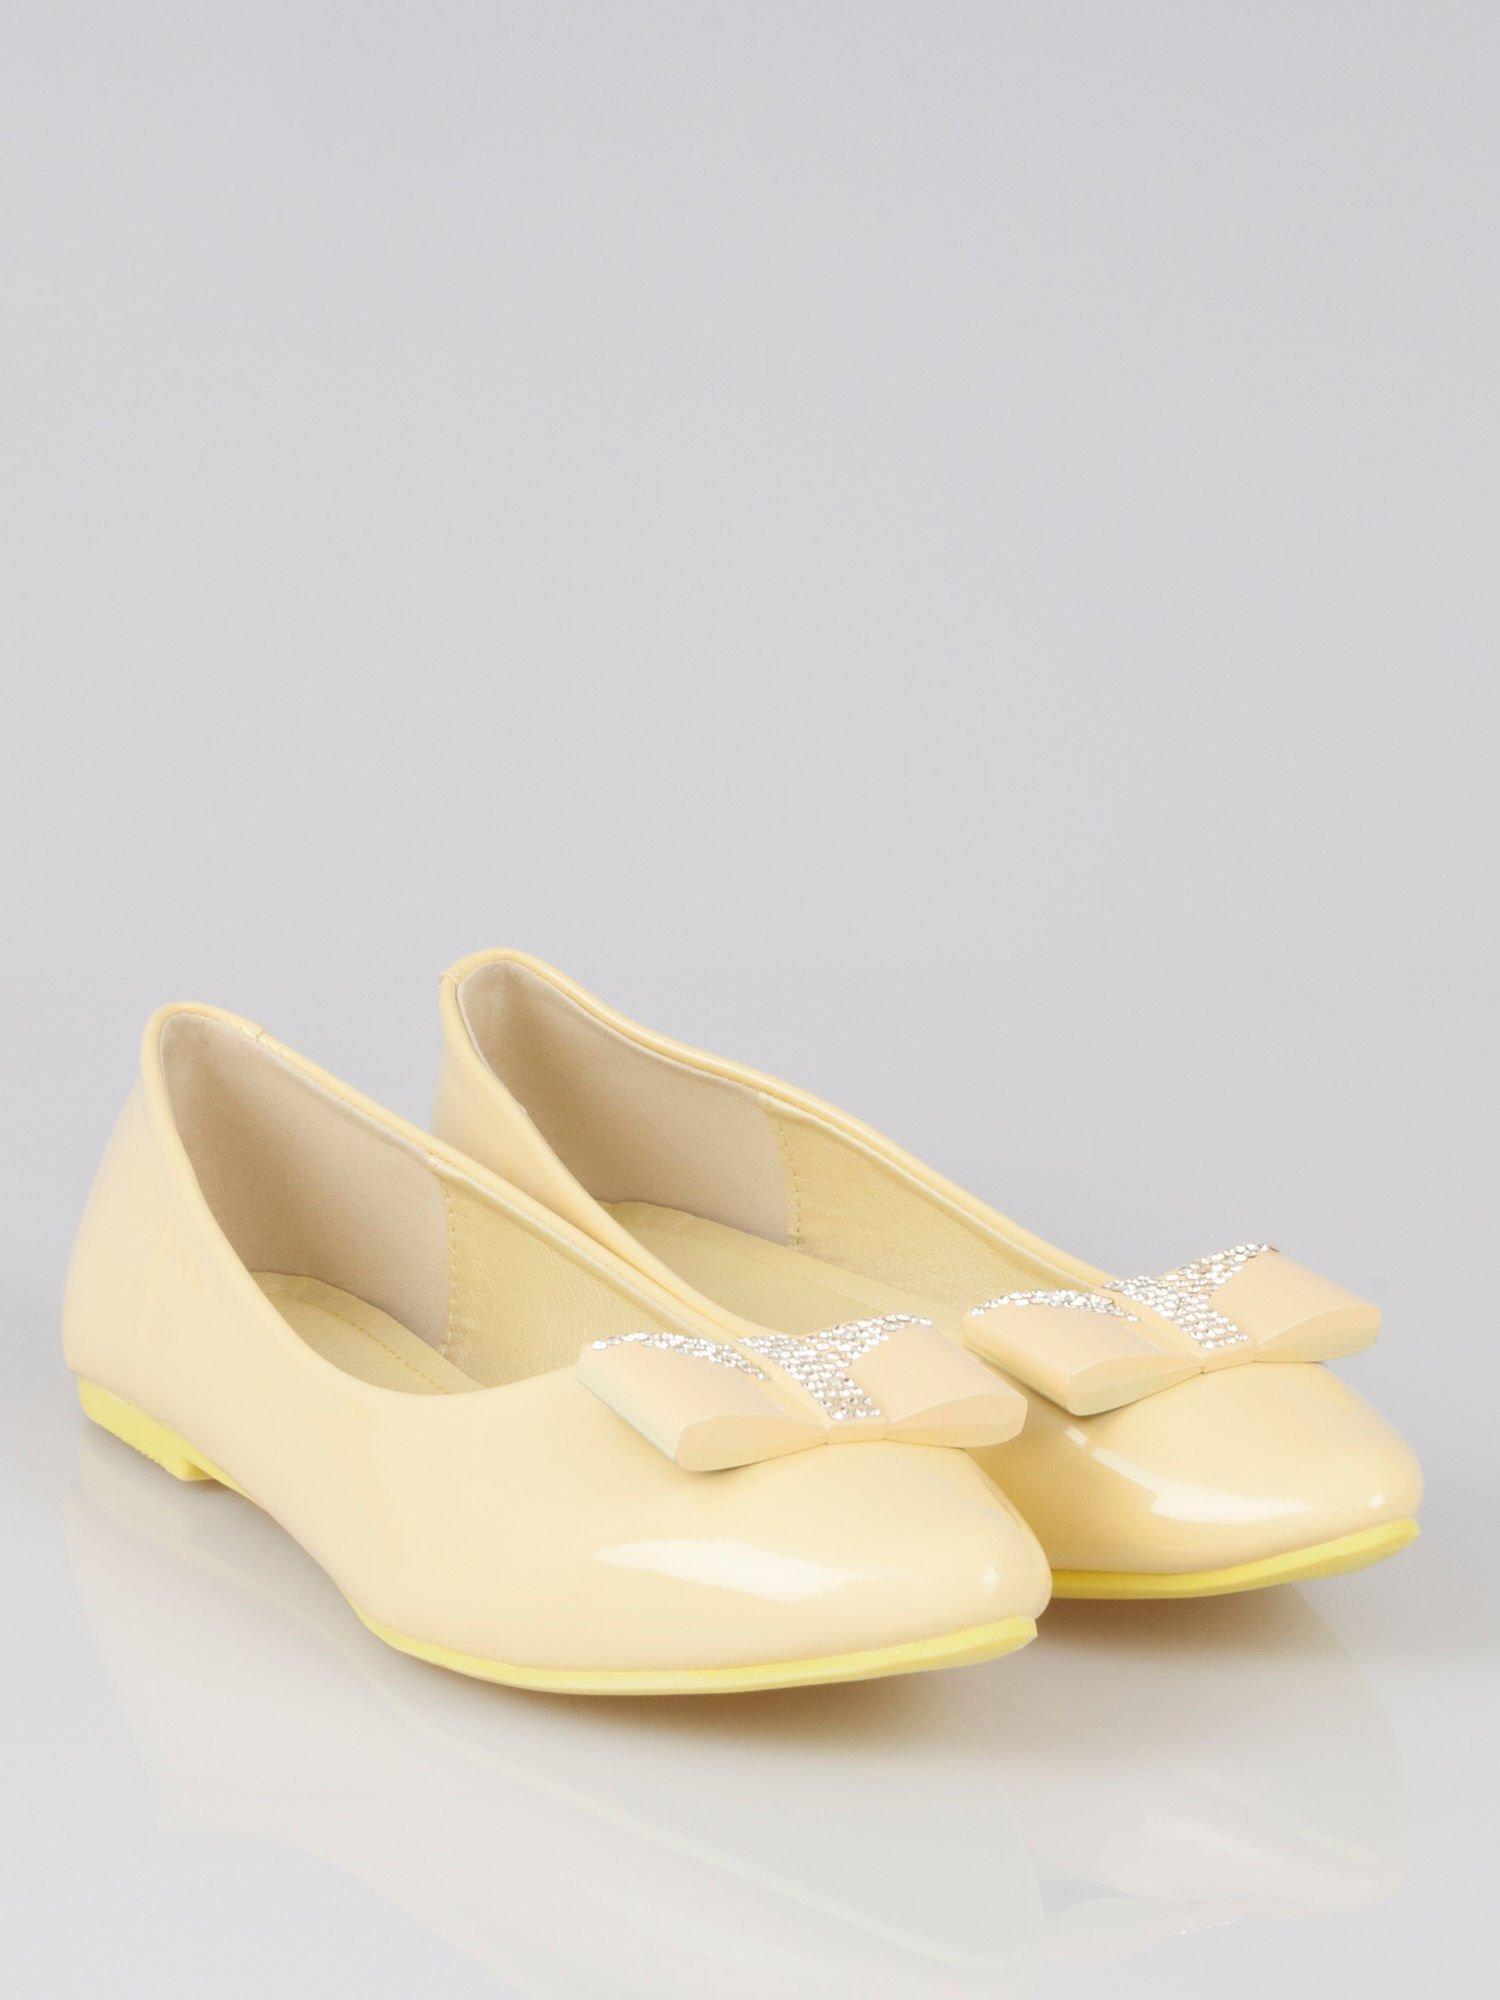 Pastelowożółte lakierowane baleriny Gem z błyszczącą kokardą                                  zdj.                                  1